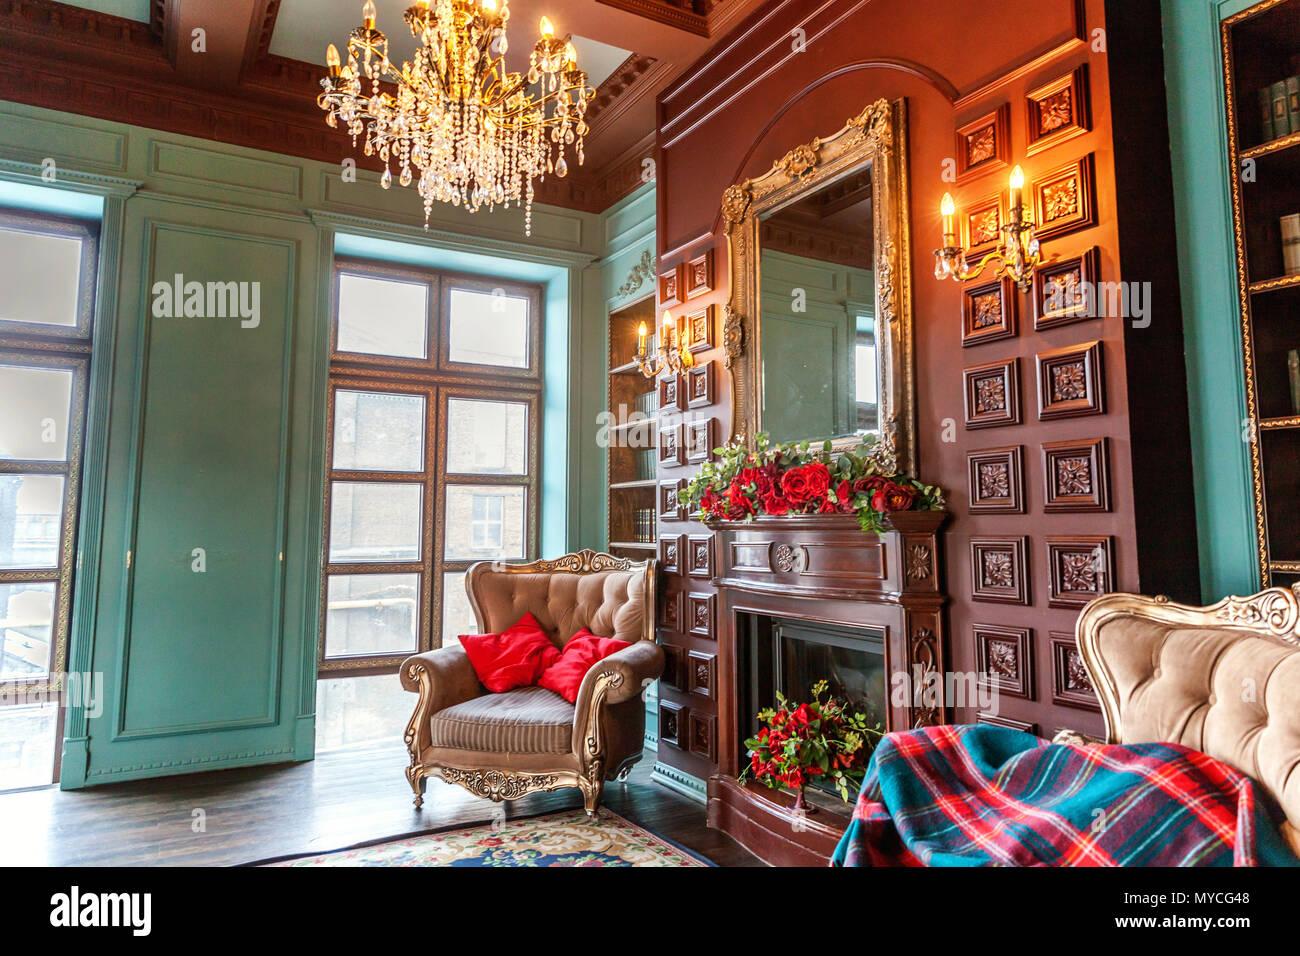 Luxus Klassisches Interieur Home Bibliothek Wohnzimmer Mit Bucherregal Bucher Sessel Sofa Und Kamin Sauber Und Modern Eingerichtet Mit Eleganten F Stockfotografie Alamy